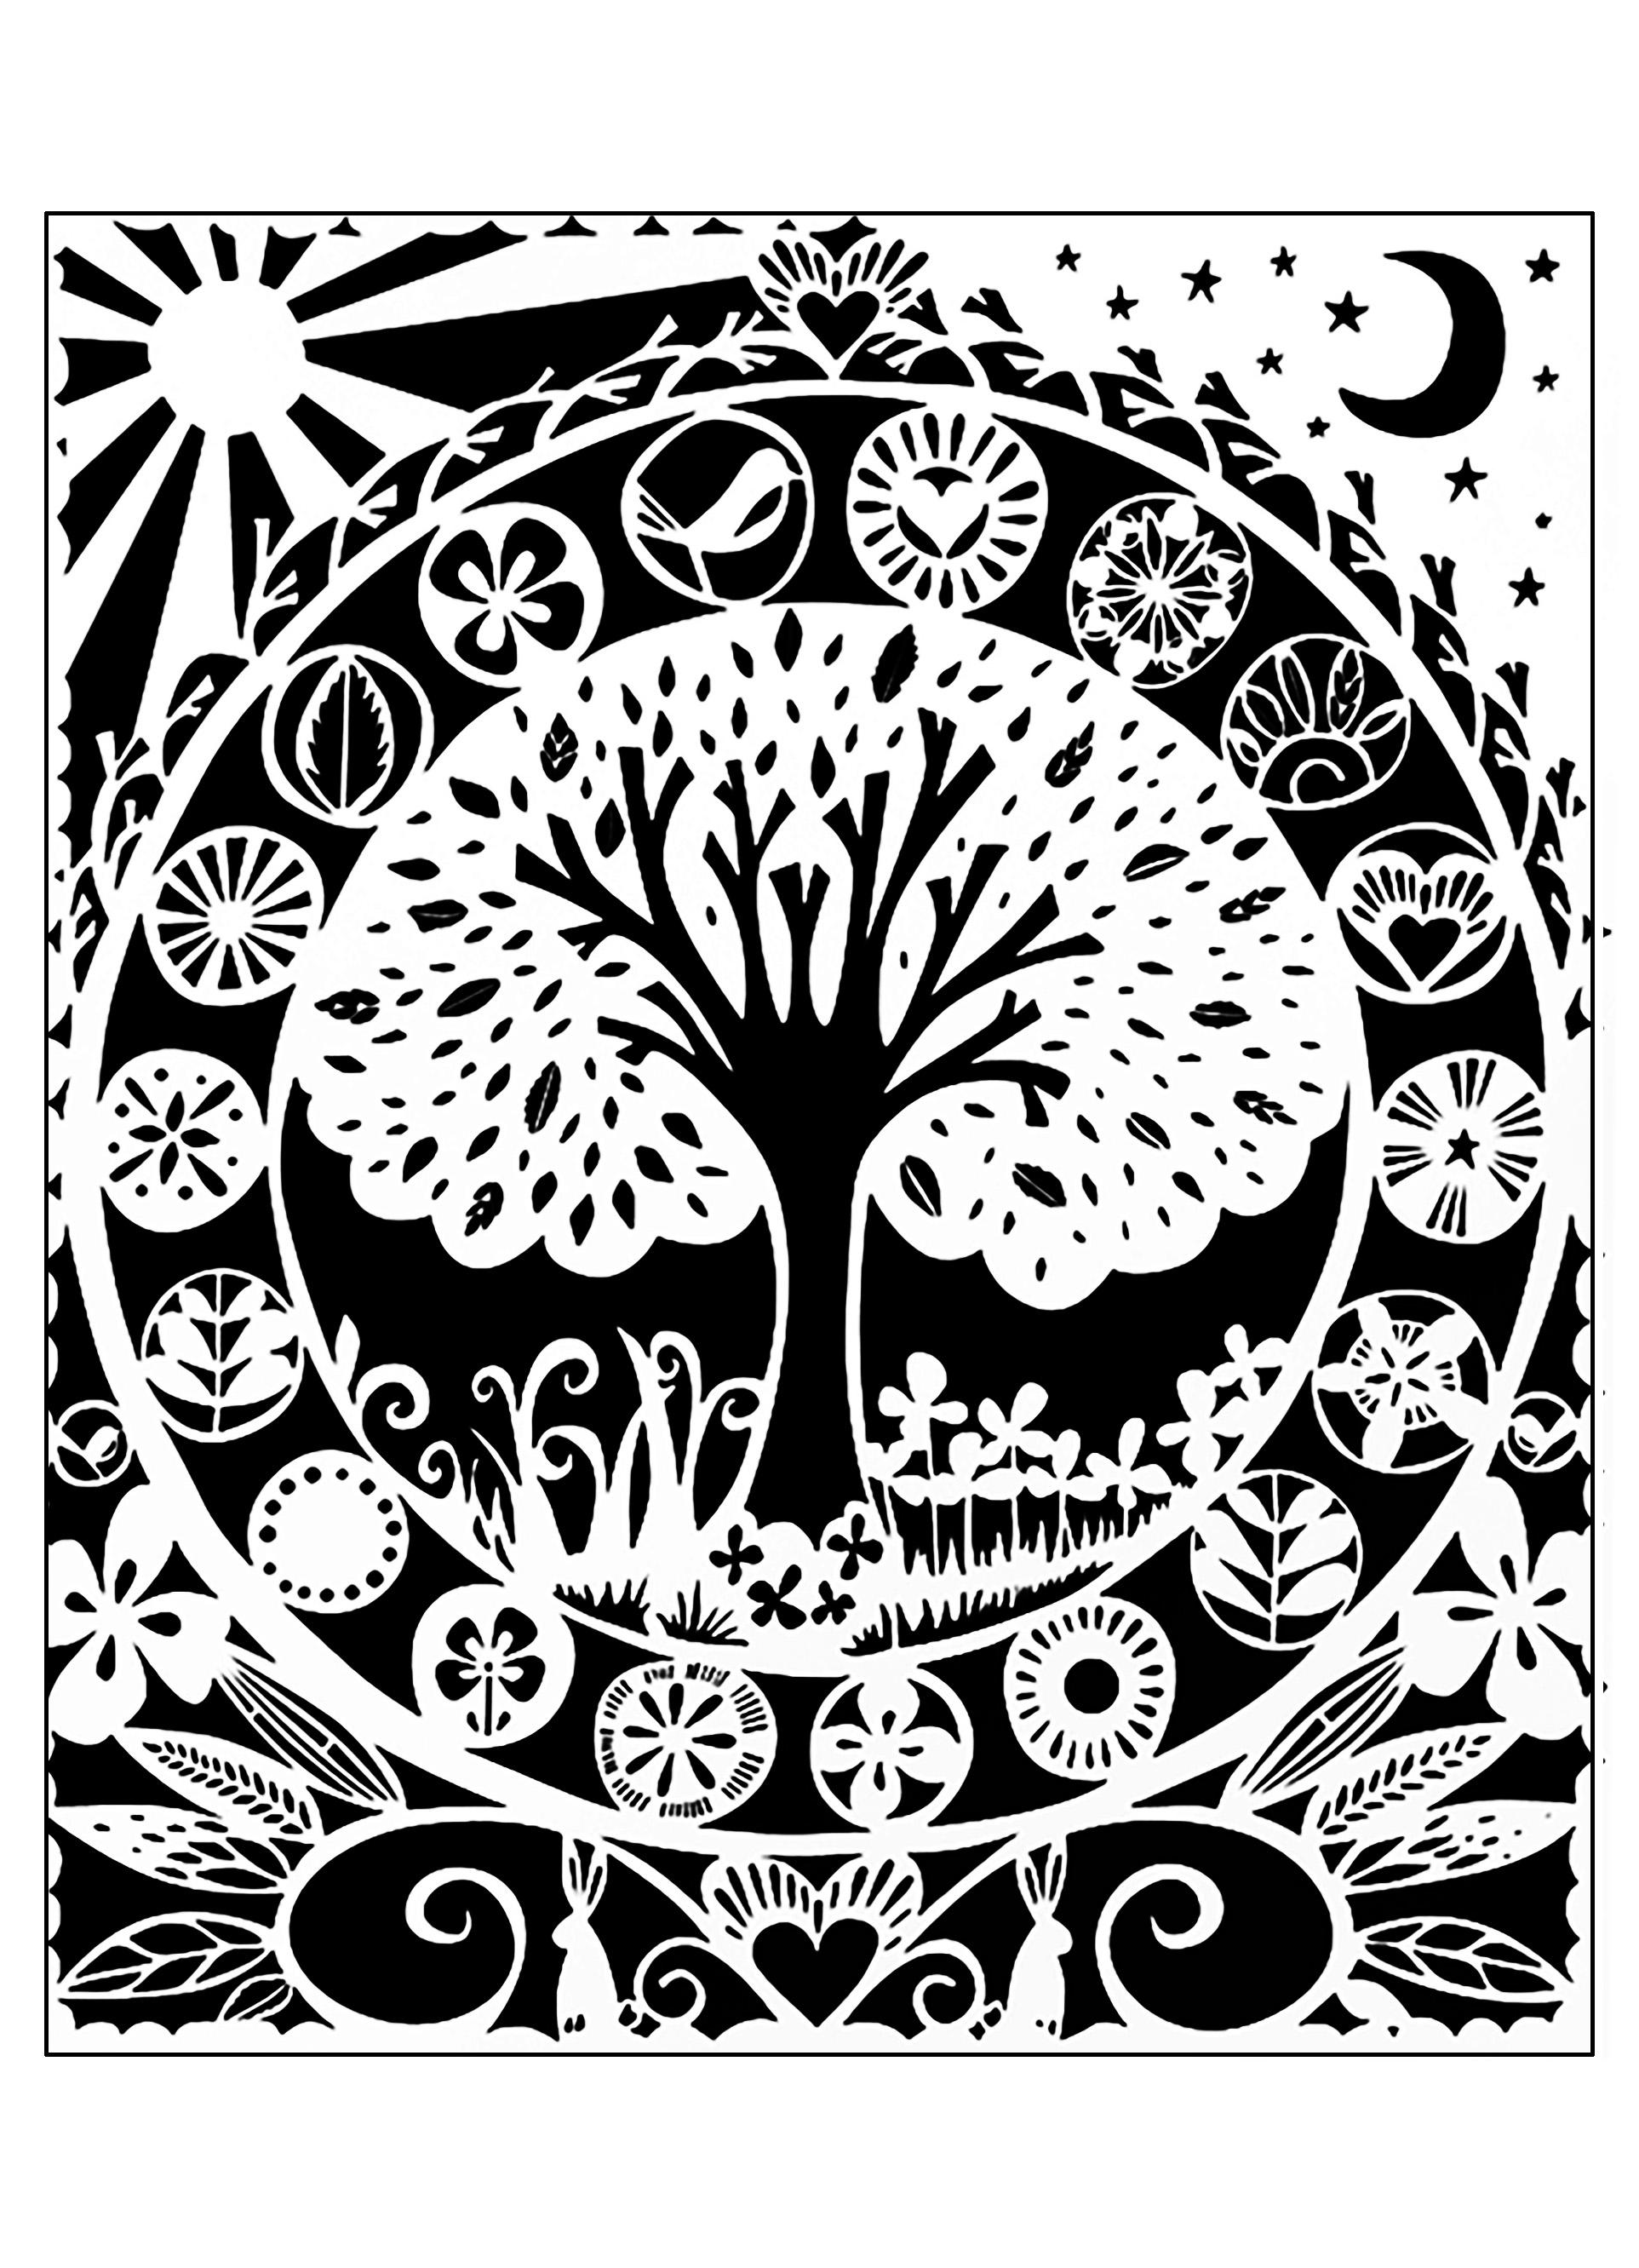 Disegni da colorare per adulti : Fiori e vegetazione - 55